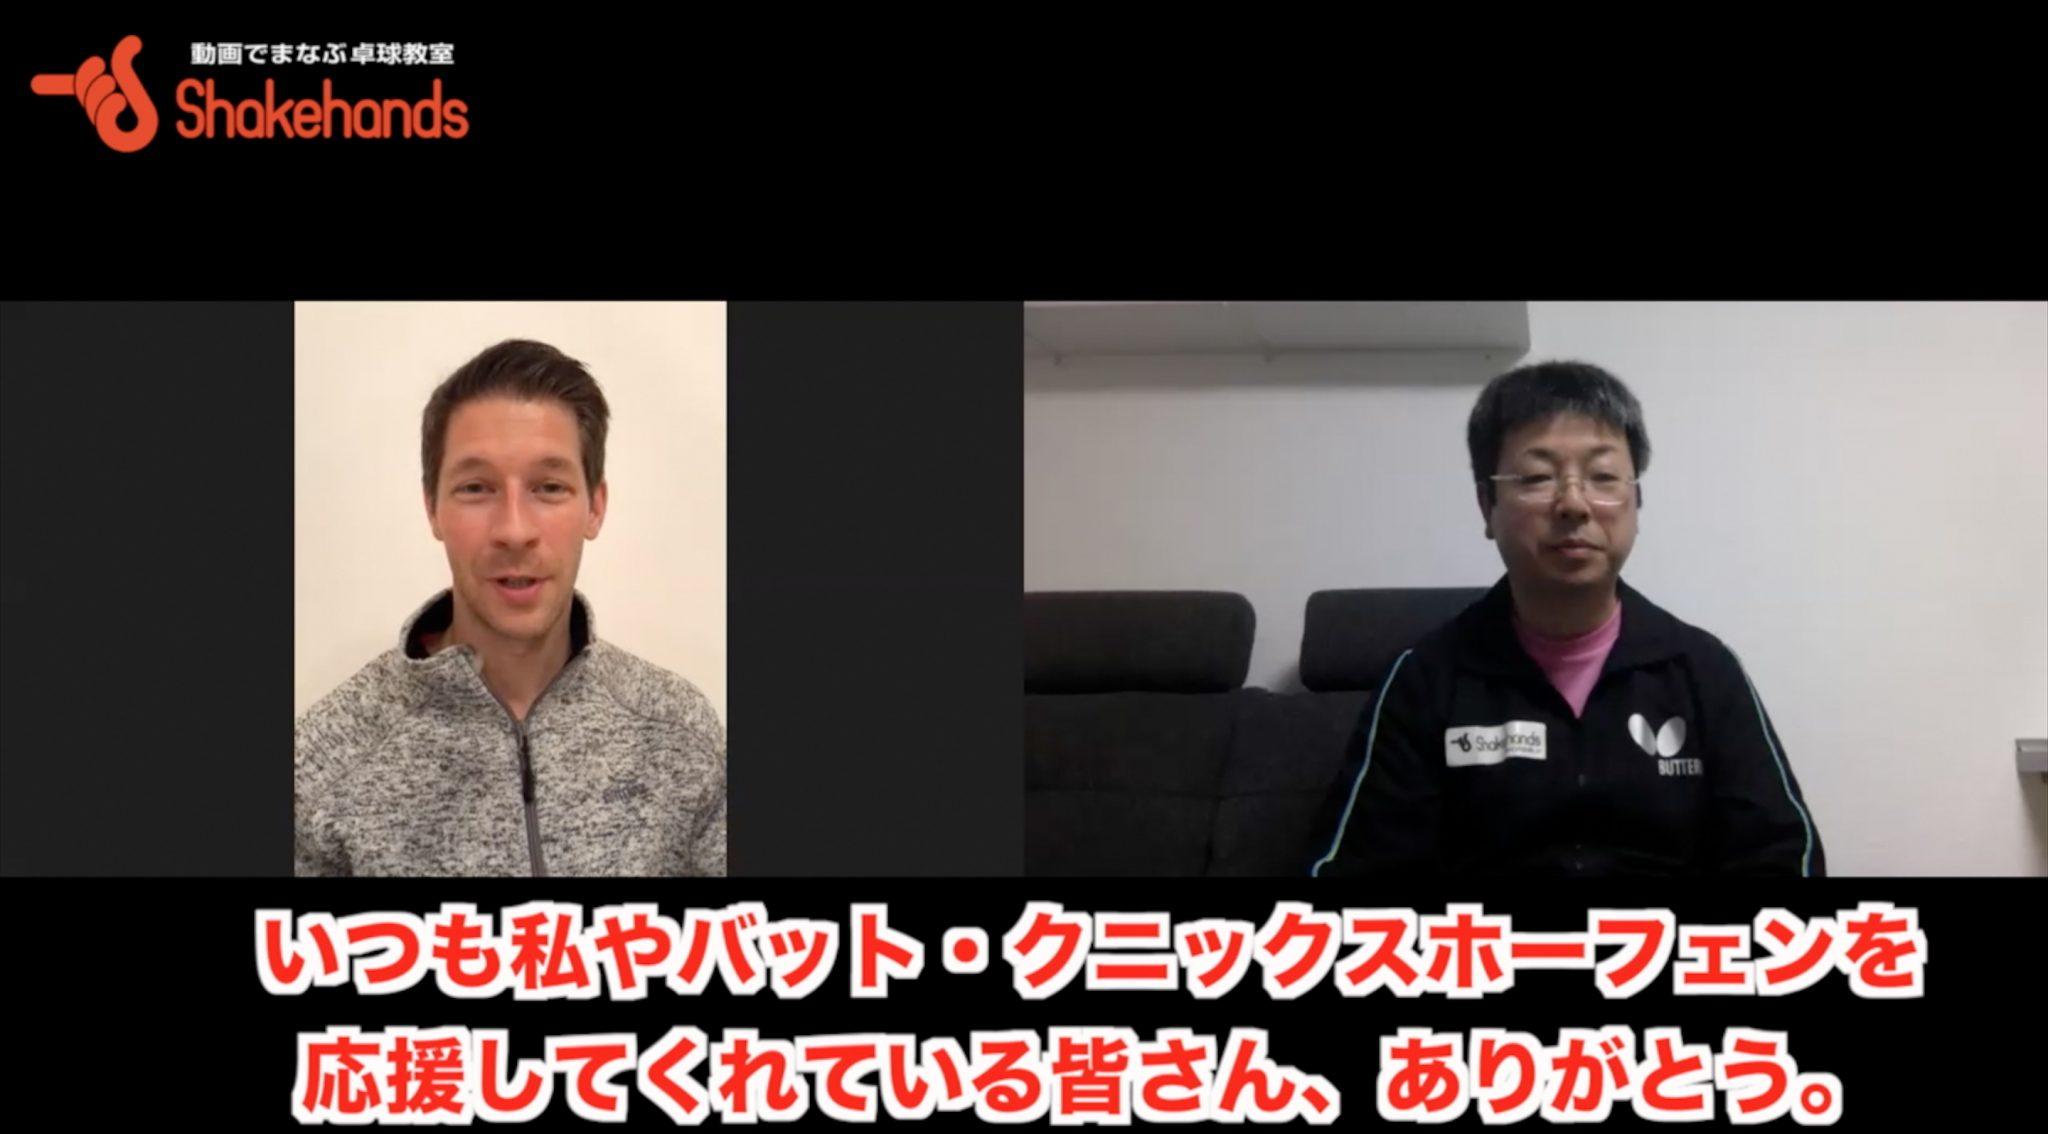 オリンピック2度のメダリスト シェテガー・バースチャン選手へのインタビュー